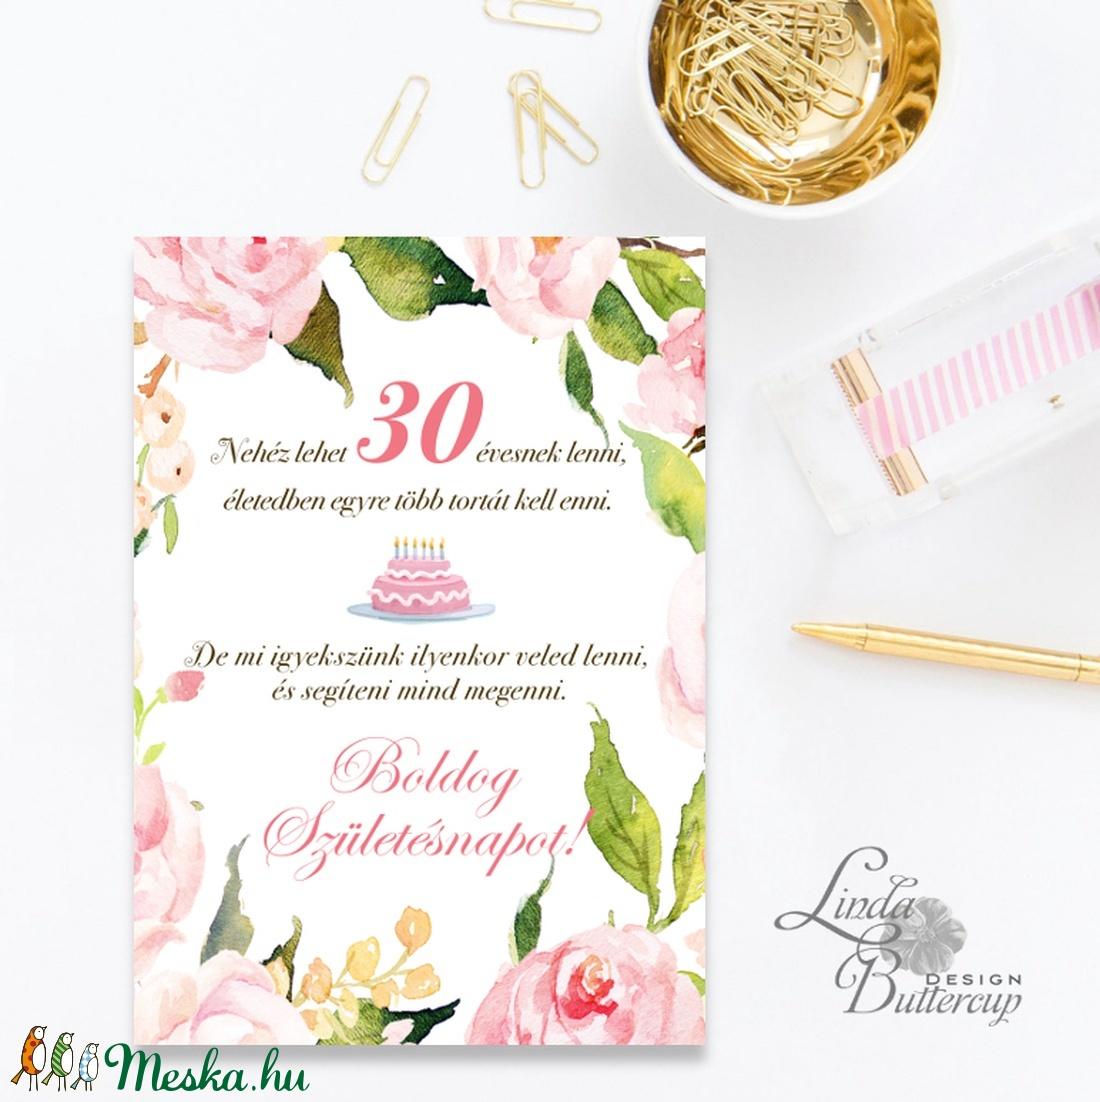 névre szóló szülinapi képeslap Szülinapi Képeslap, 30. születésnap, Egyedi, személyre szóló  névre szóló szülinapi képeslap